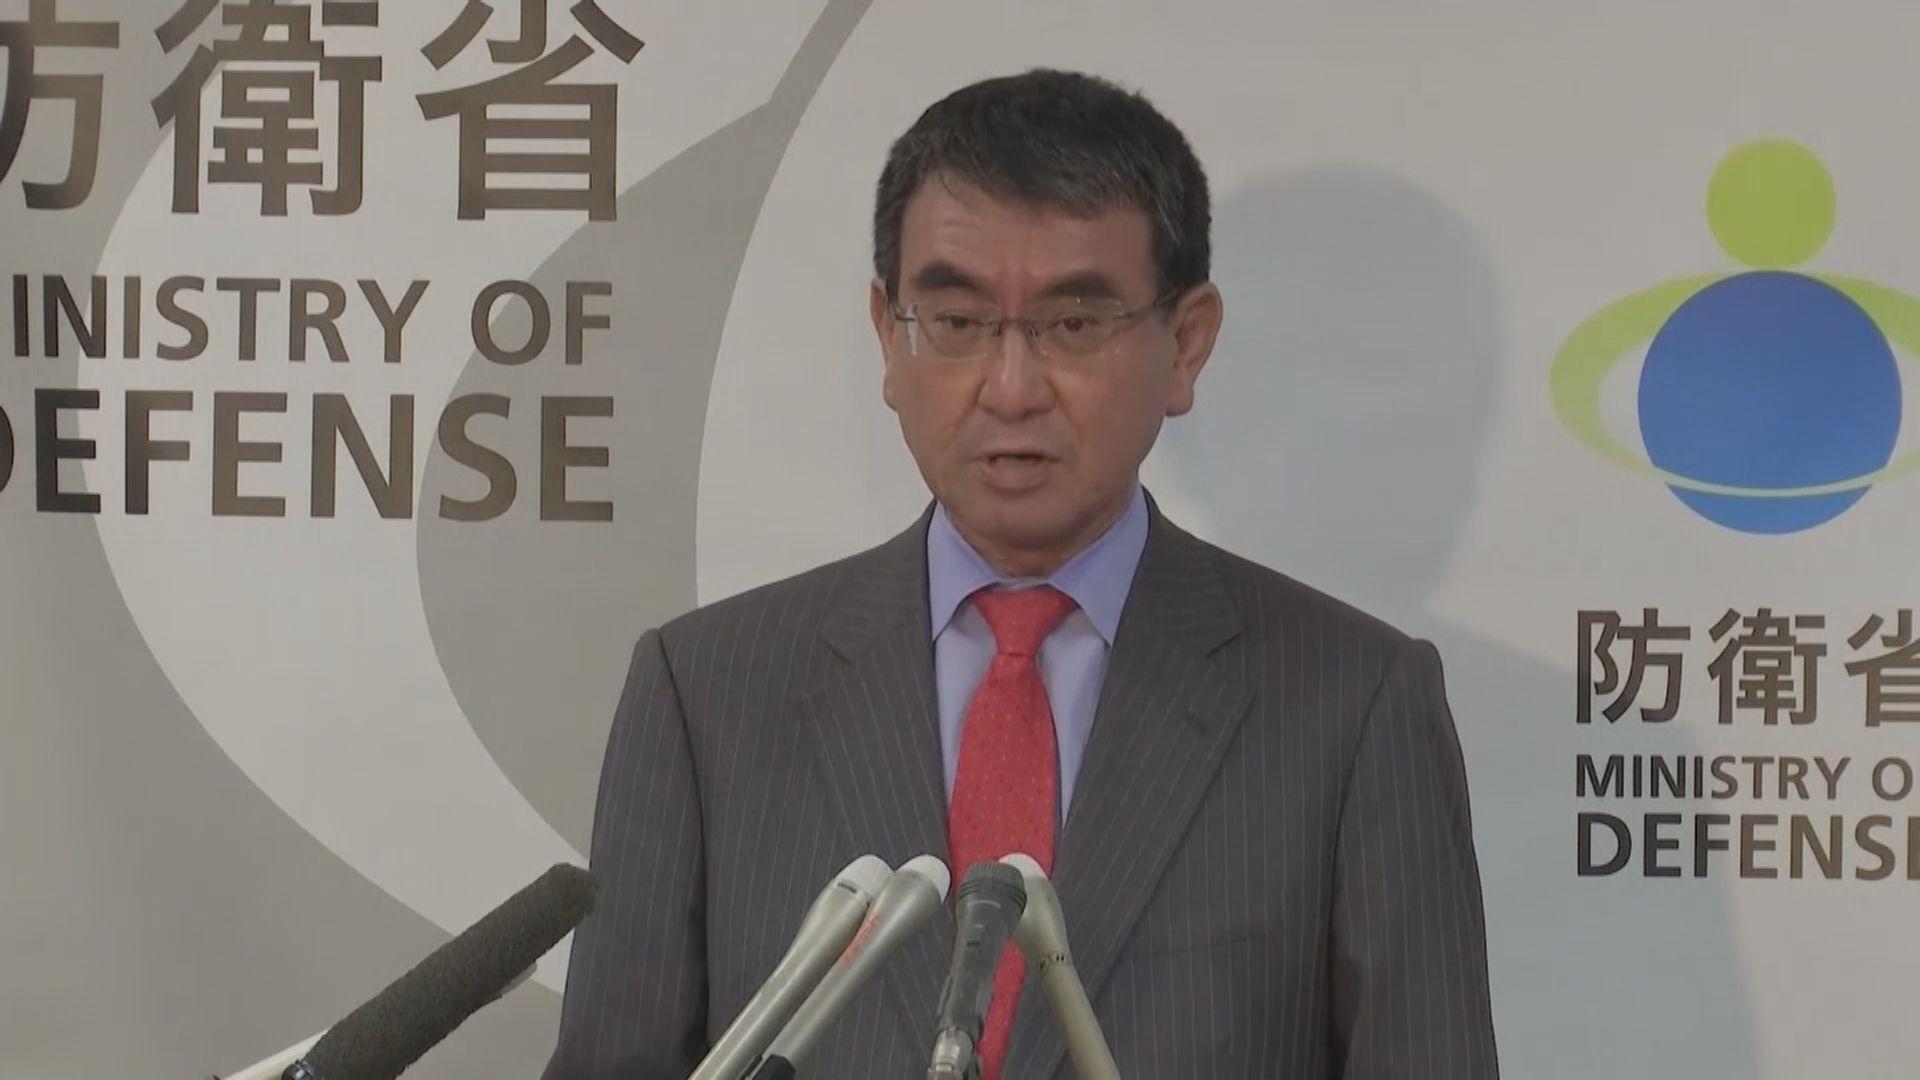 防衛大臣河野太郎表示會認真考慮參選黨總裁選舉